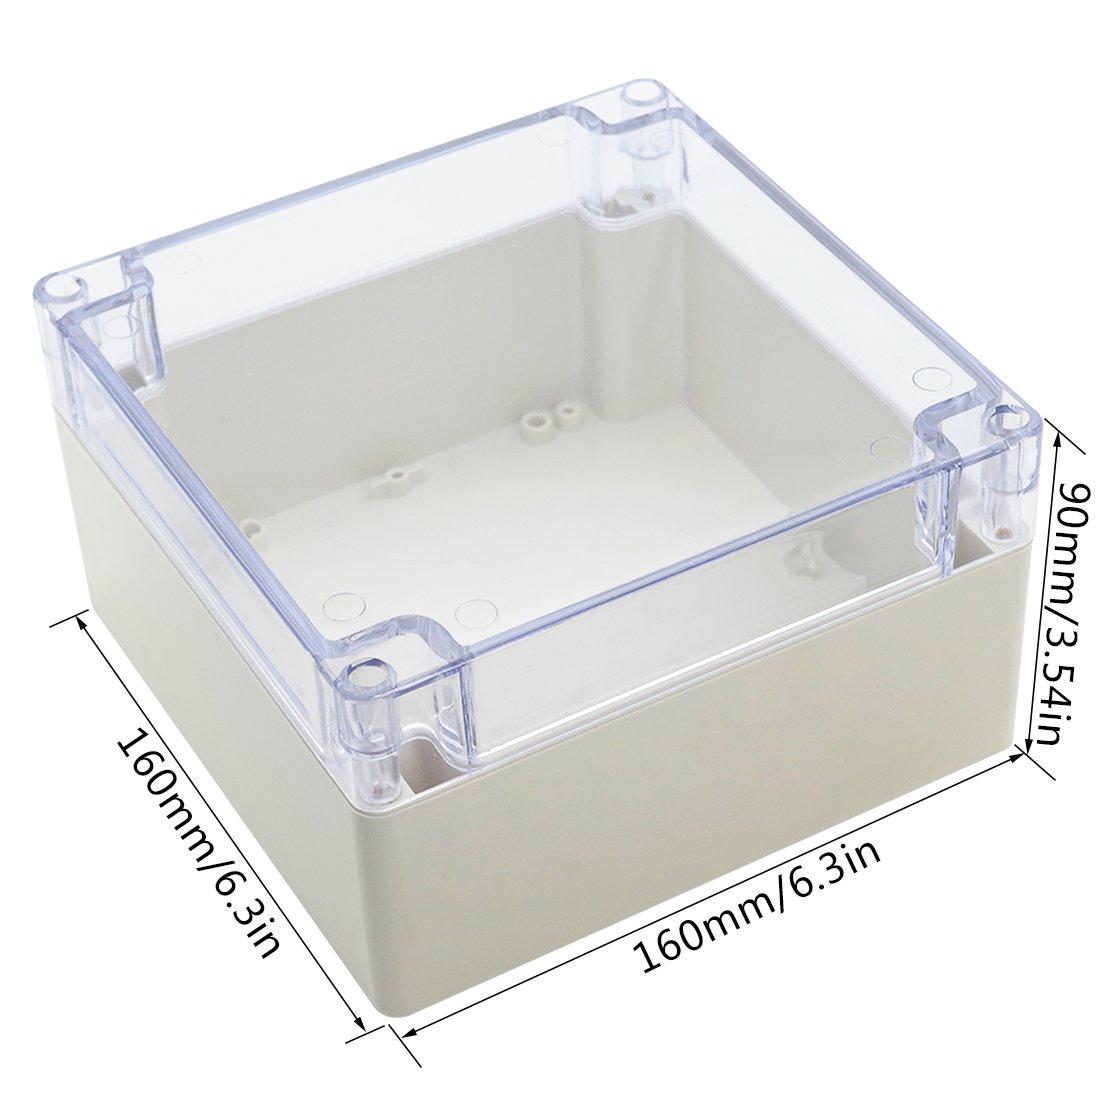 Lemotech Abs Plastic Junction Box Dustproof Waterproof Ip65 Industrial Electrical Enclosure Universal Project Grey